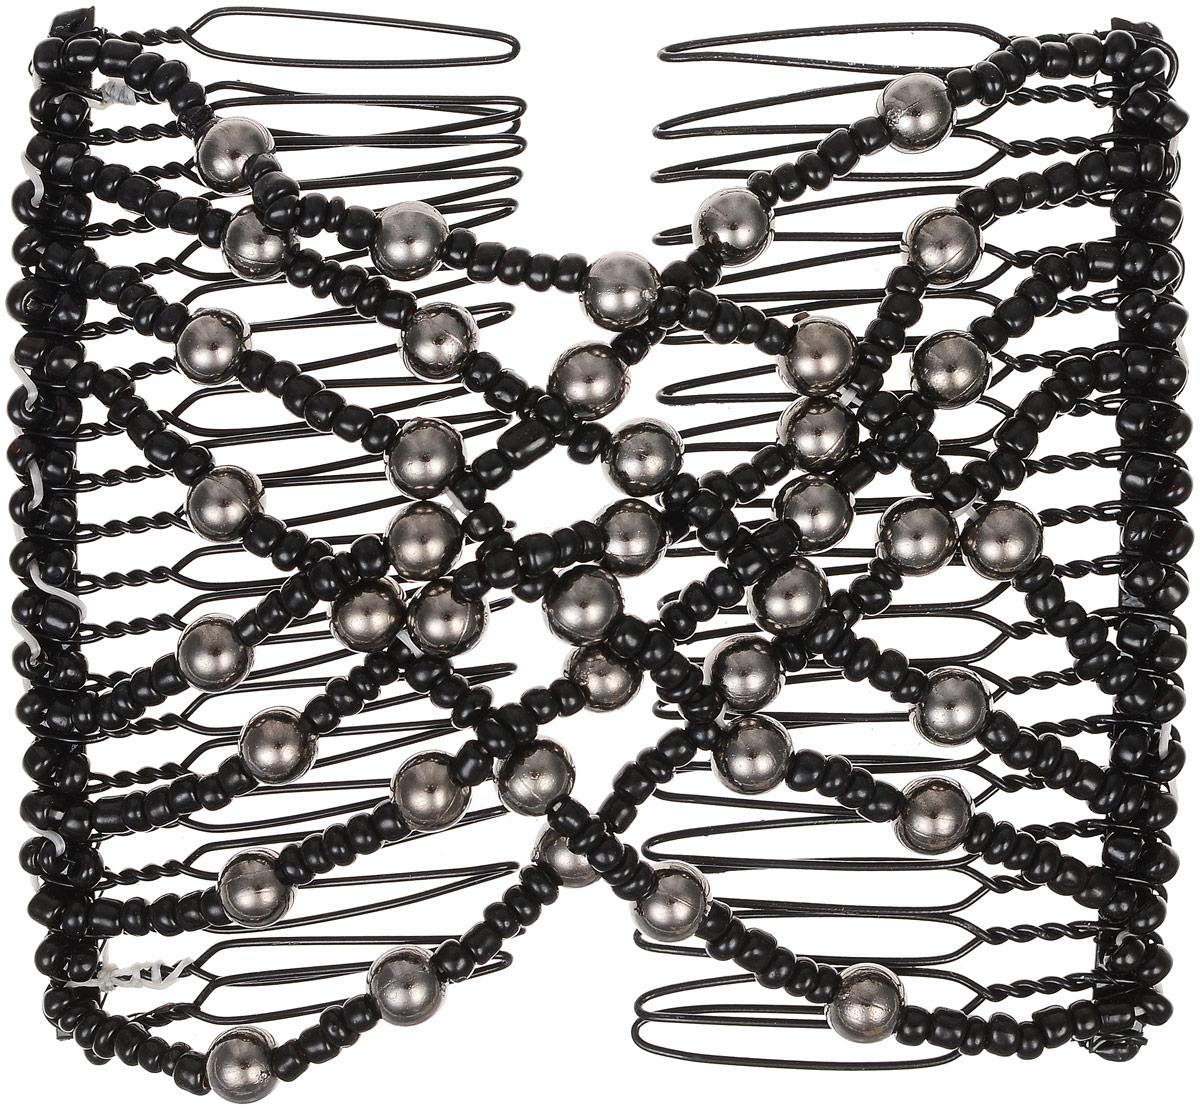 EZ-Combs Заколка Изи-Комбс, одинарная, цвет: черный, серебристый. ЗИО3051Удобная и практичная EZ-Combs подходит для любого типа волос: тонких, жестких, вьющихся или прямых, и не наносит им никакого вреда. Заколка не мешает движениям головы и не создает дискомфорта, когда вы отдыхаете или управляете автомобилем. Каждый гребень имеет по 20 зубьев для надежной фиксации заколки на волосах! И даже во время бега и интенсивных тренировок в спортзале EZ-Combs не падает; она прочно фиксирует прическу, сохраняя укладку в первозданном виде.Небольшая и легкая заколка для волос EZ-Combs поместится в любой дамской сумочке, позволяя быстро и без особых усилий создавать неповторимые прически там, где вам это удобно. Гребень прекрасно сочетается с любой одеждой: будь это классический или спортивный стиль, завершая гармоничный облик современной леди. И неважно, какой образ жизни вы ведете, если у вас есть EZ-Combs, вы всегда будете выглядеть потрясающе.